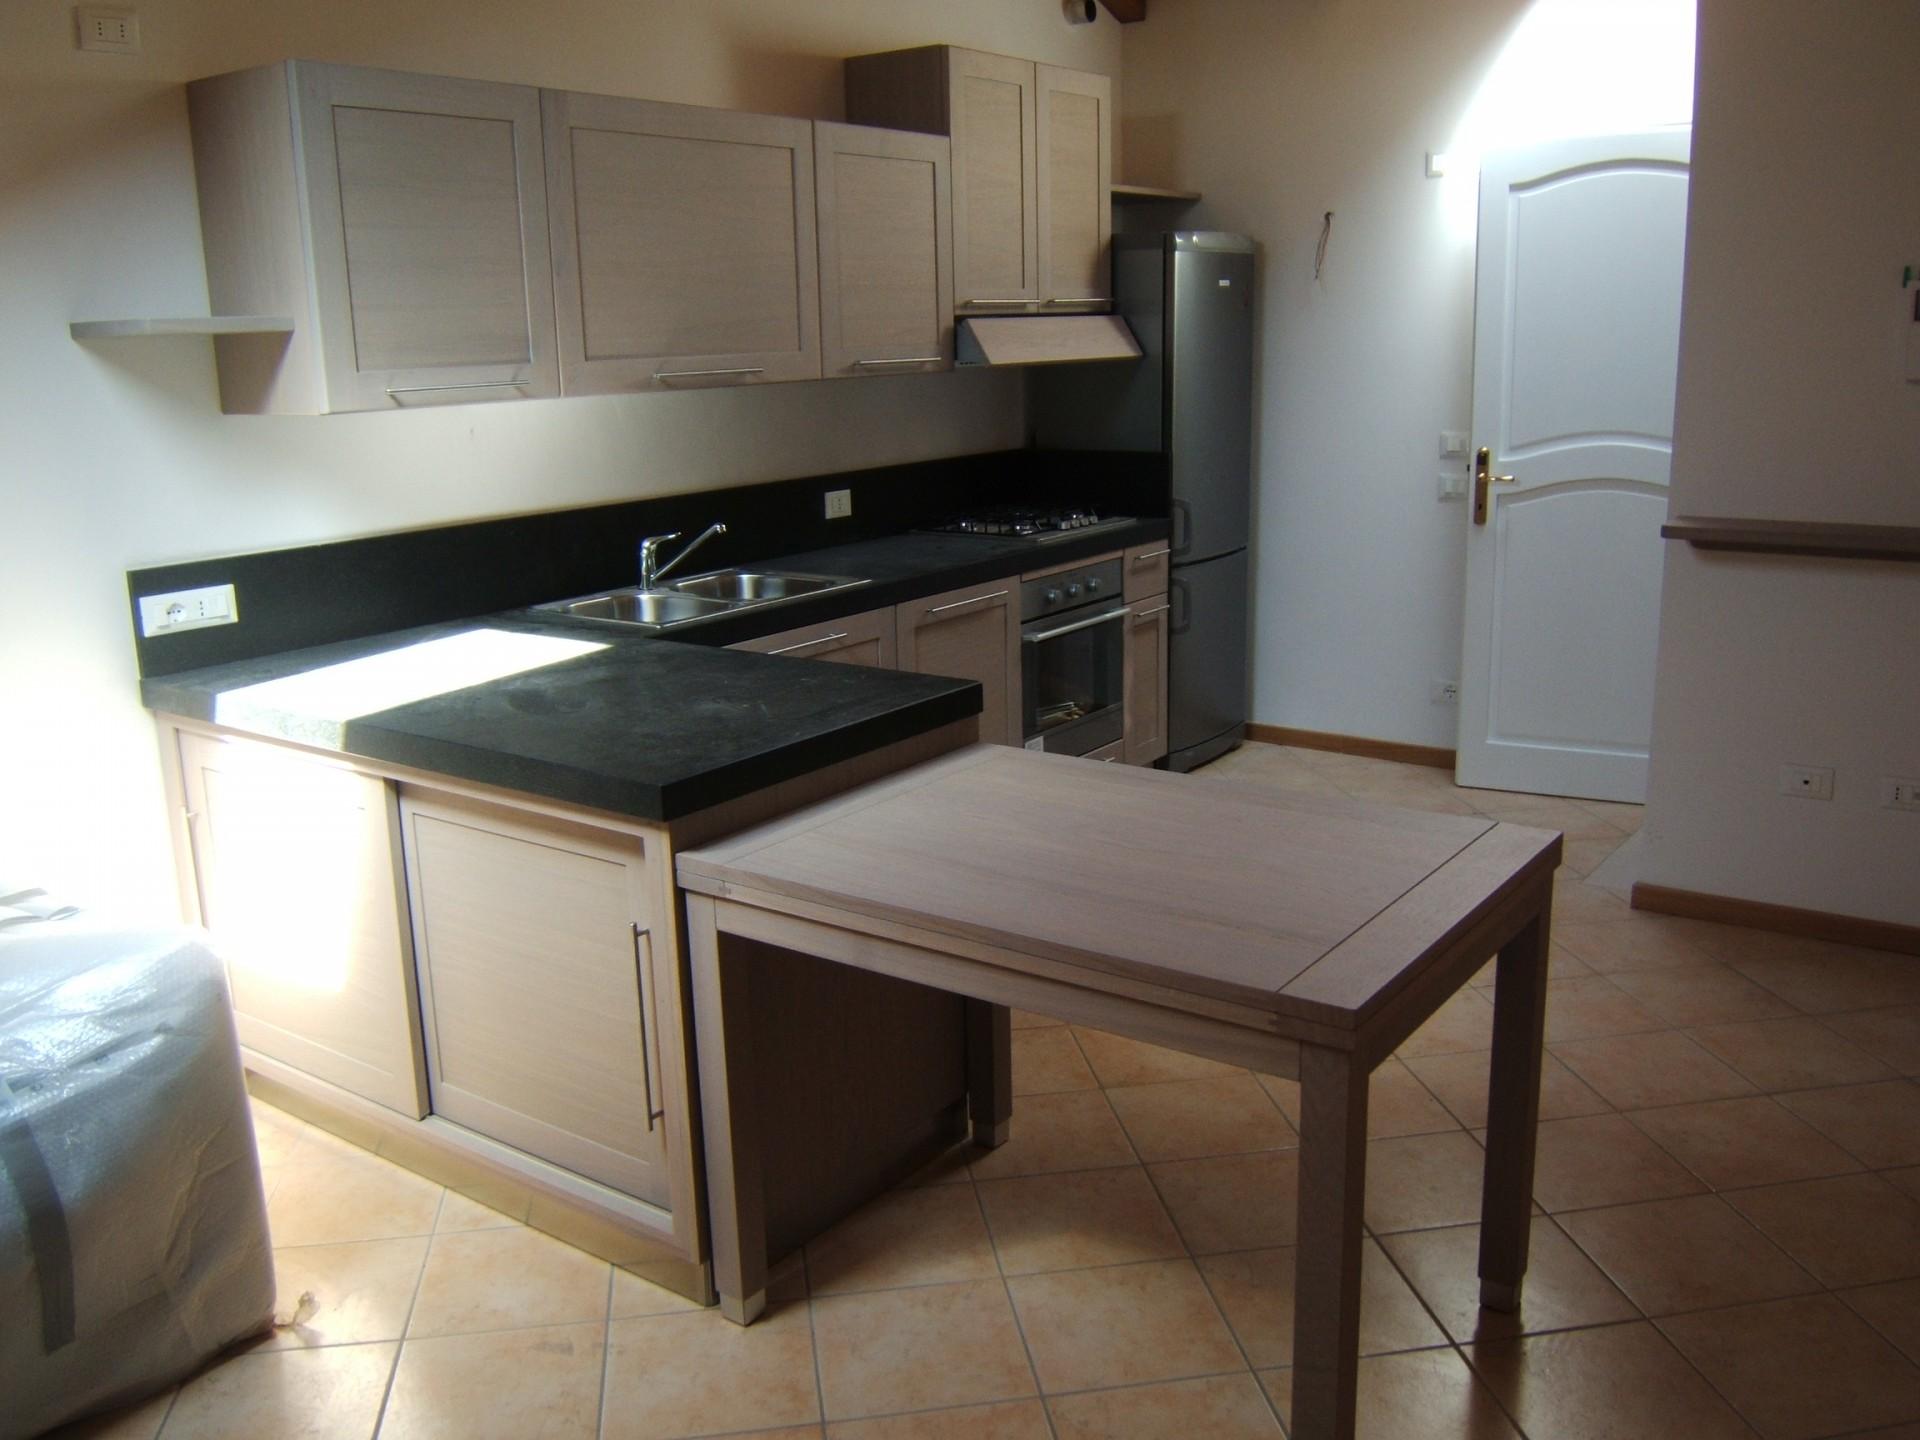 Cucina costruita in legno di rovere su misura fadini mobili cerea verona - Cucine moderne particolari ...